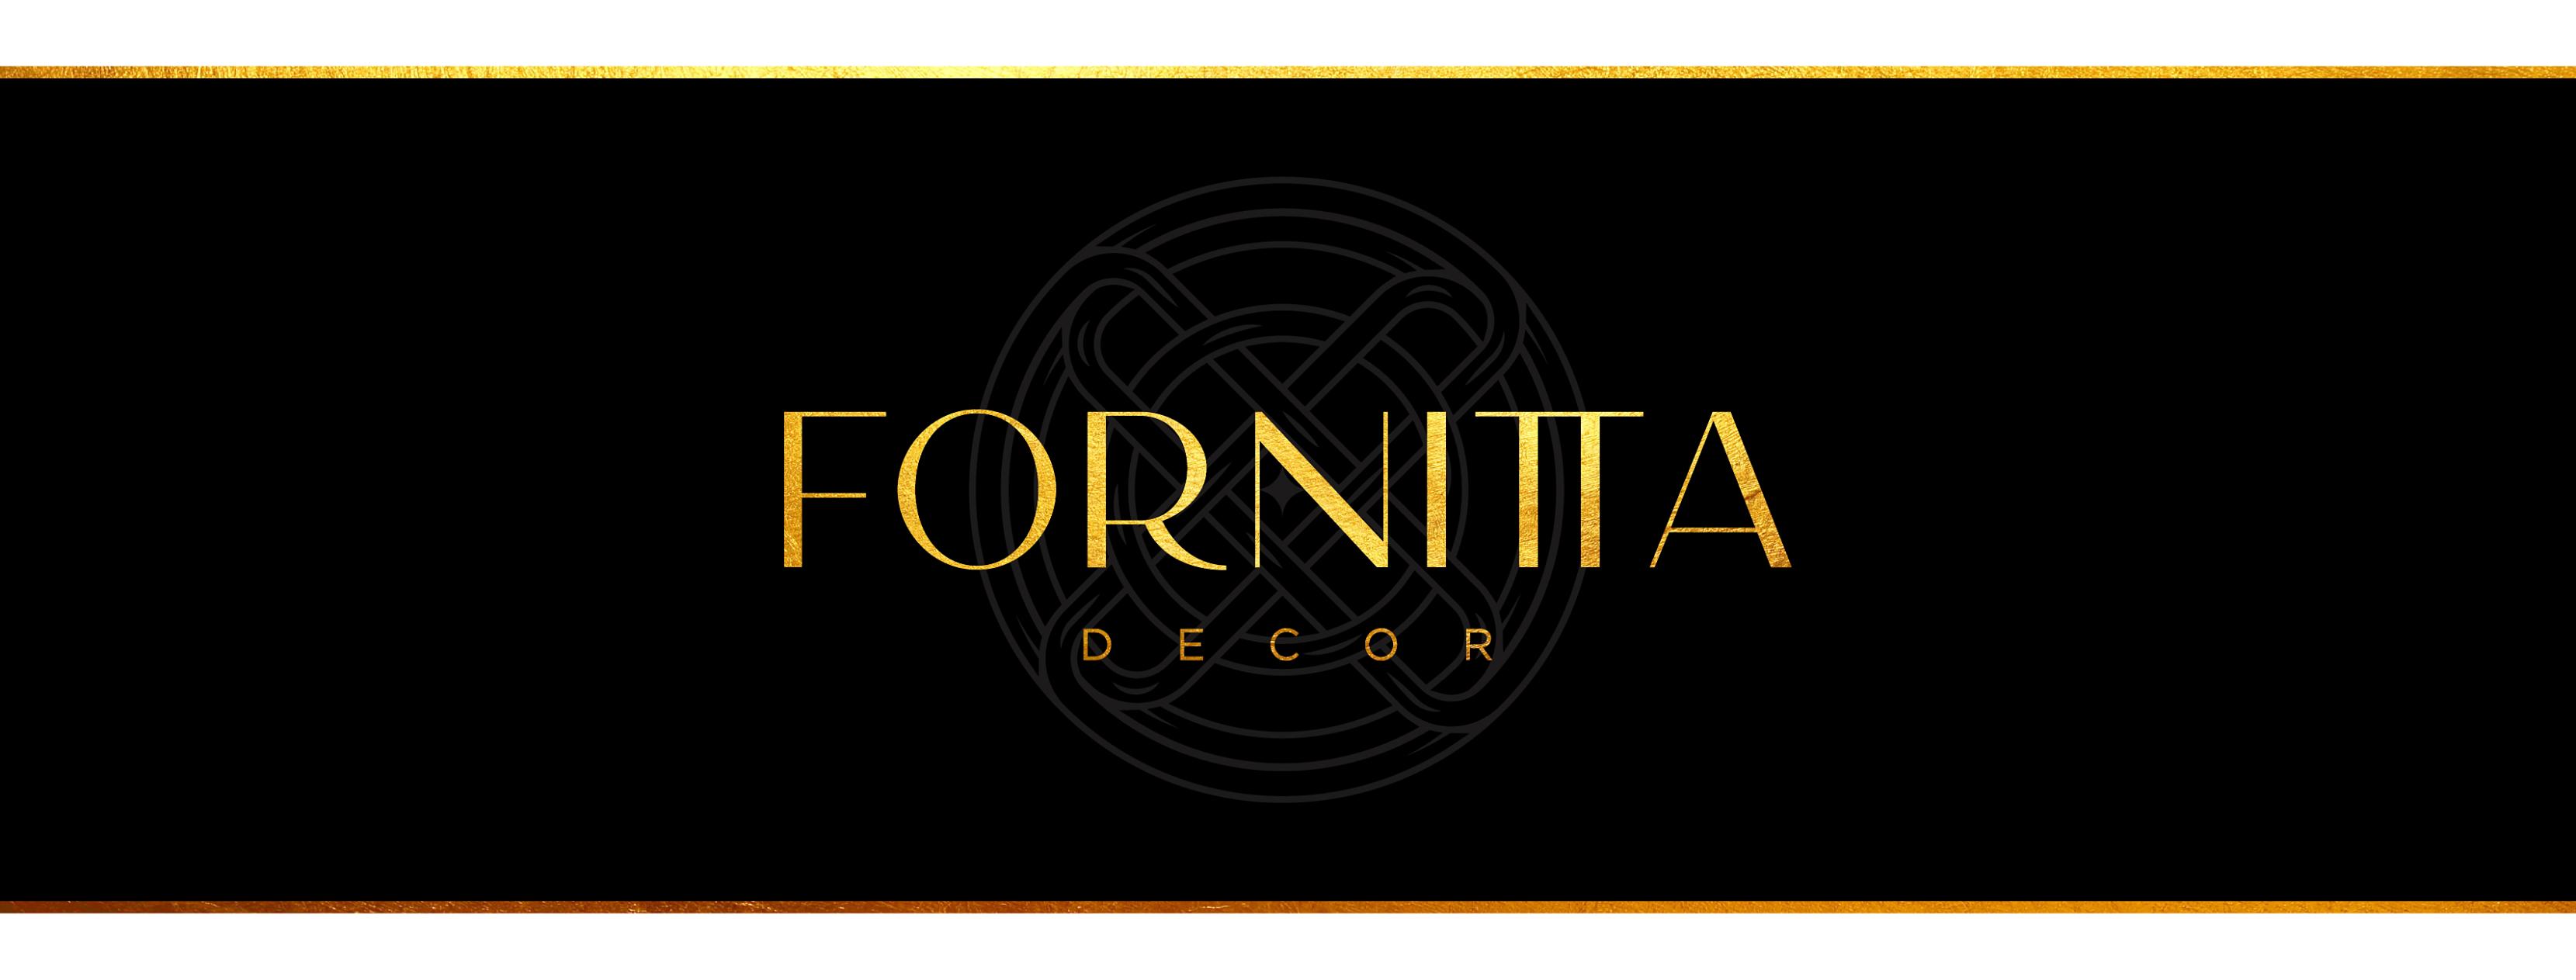 La atractiva marca de mobiliario y arte de lujo Fornitta Decor, llega a Puebla.